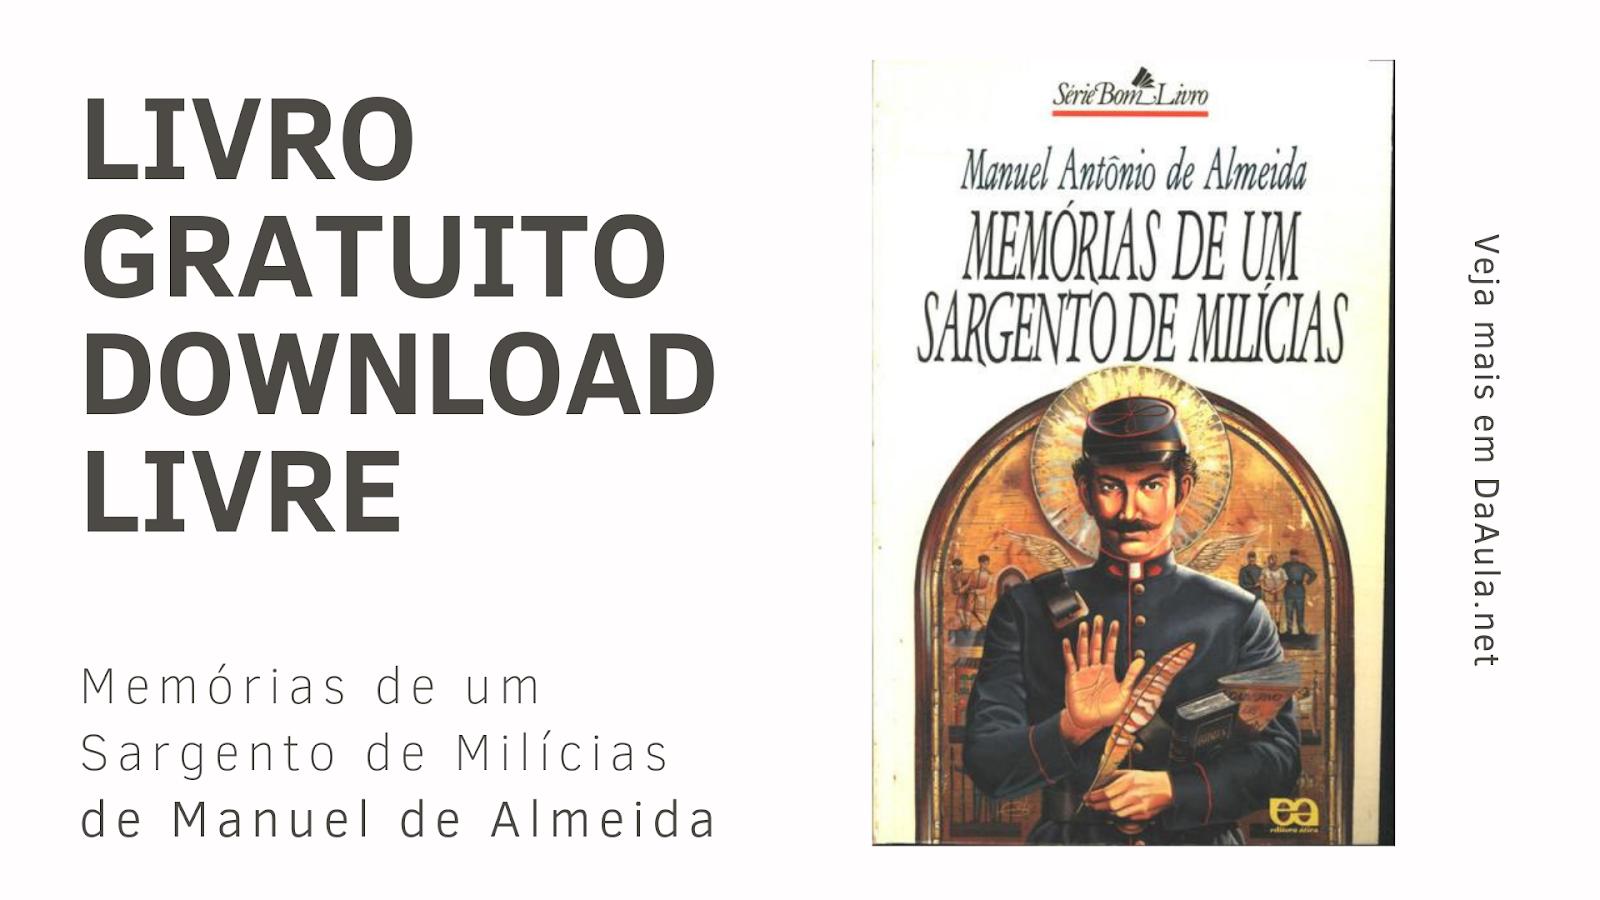 Livro: Memórias de um Sargento de Milícias de Manuel de Almeida